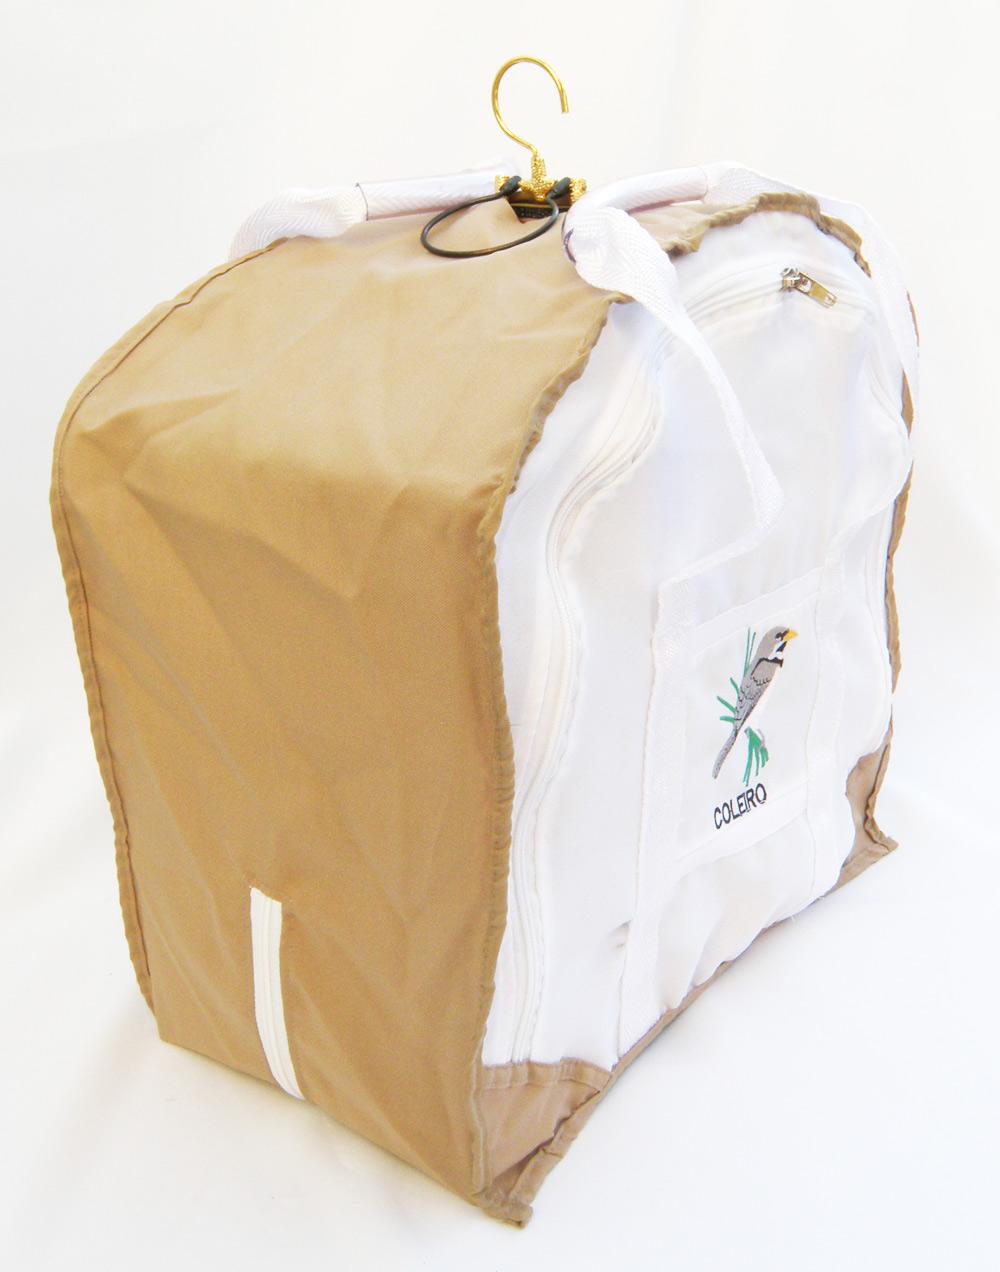 Capa-Sacola Bordada Coleiro - Especial - Branca e Bege